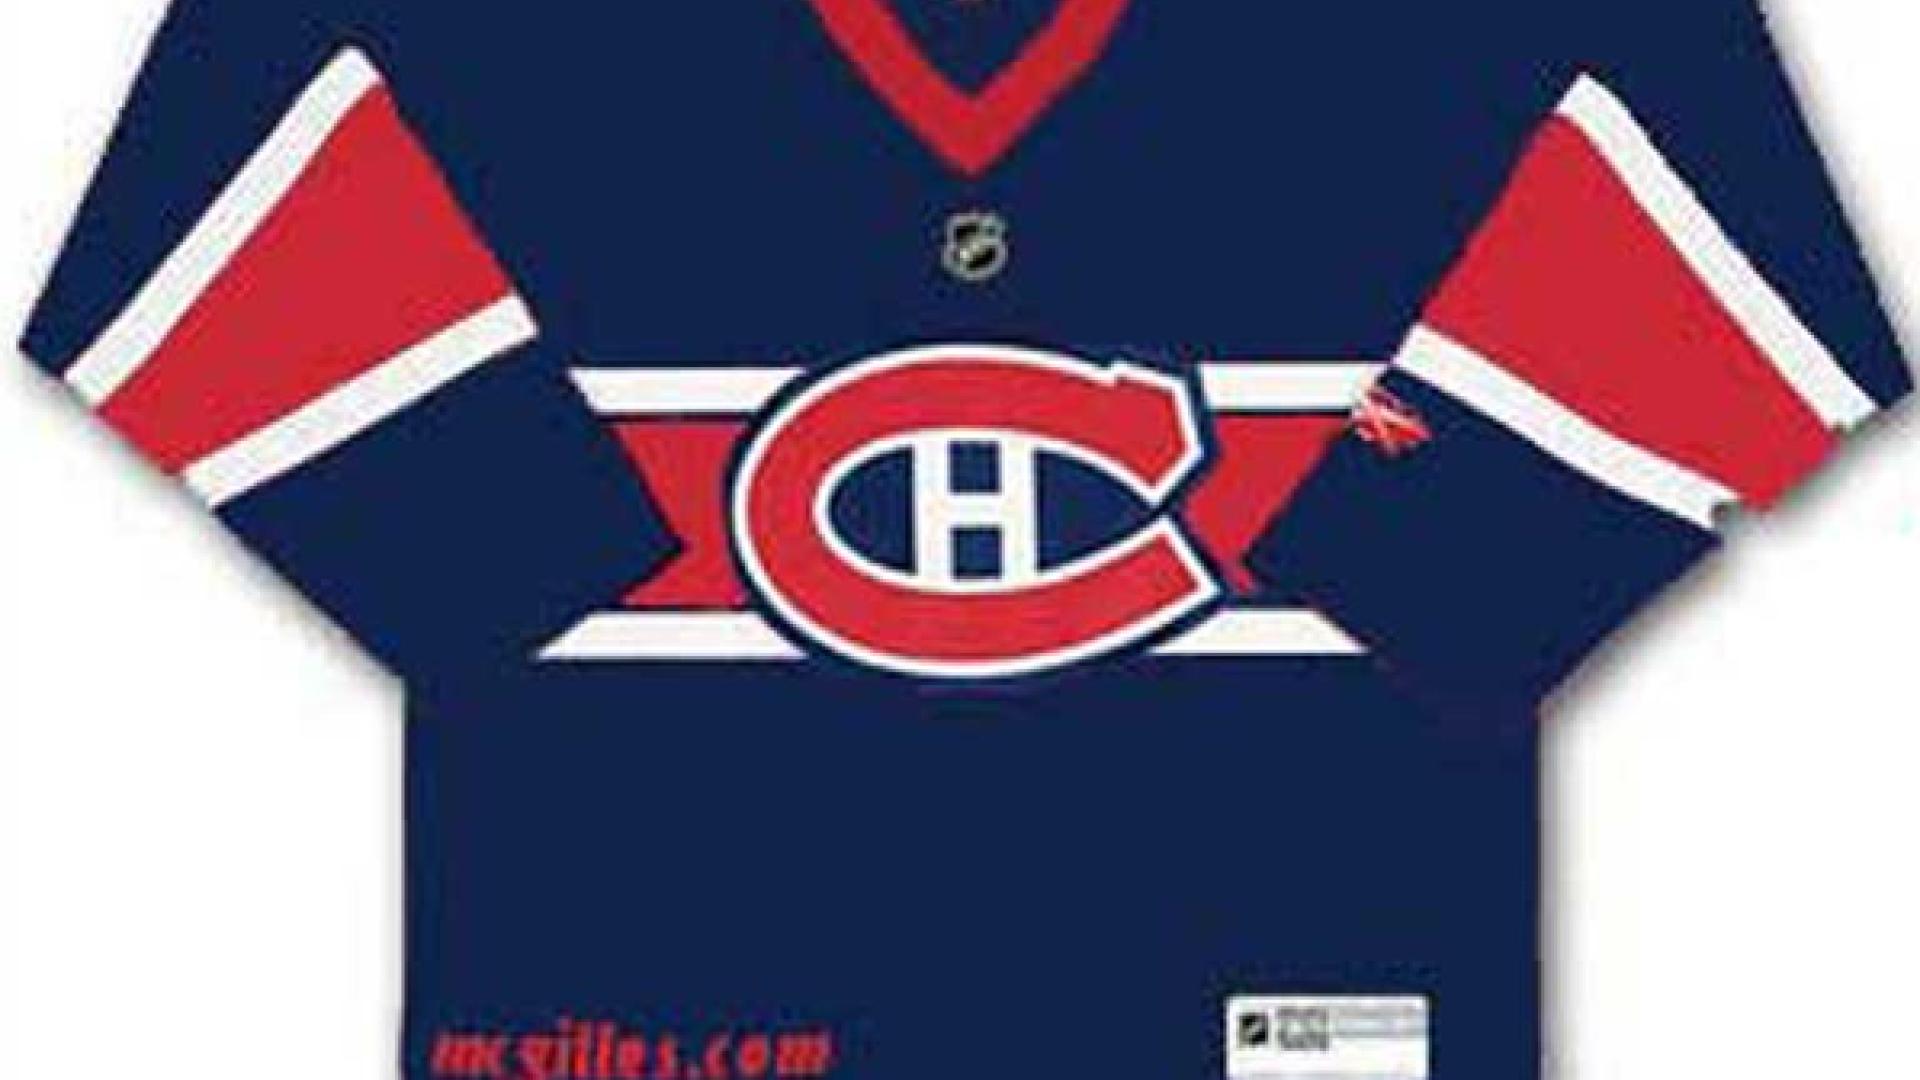 Le Nouveau Chandail Du Canadien De Montreal Pour La Saison 2010 2011 Lnh Grand Club Rds Ca